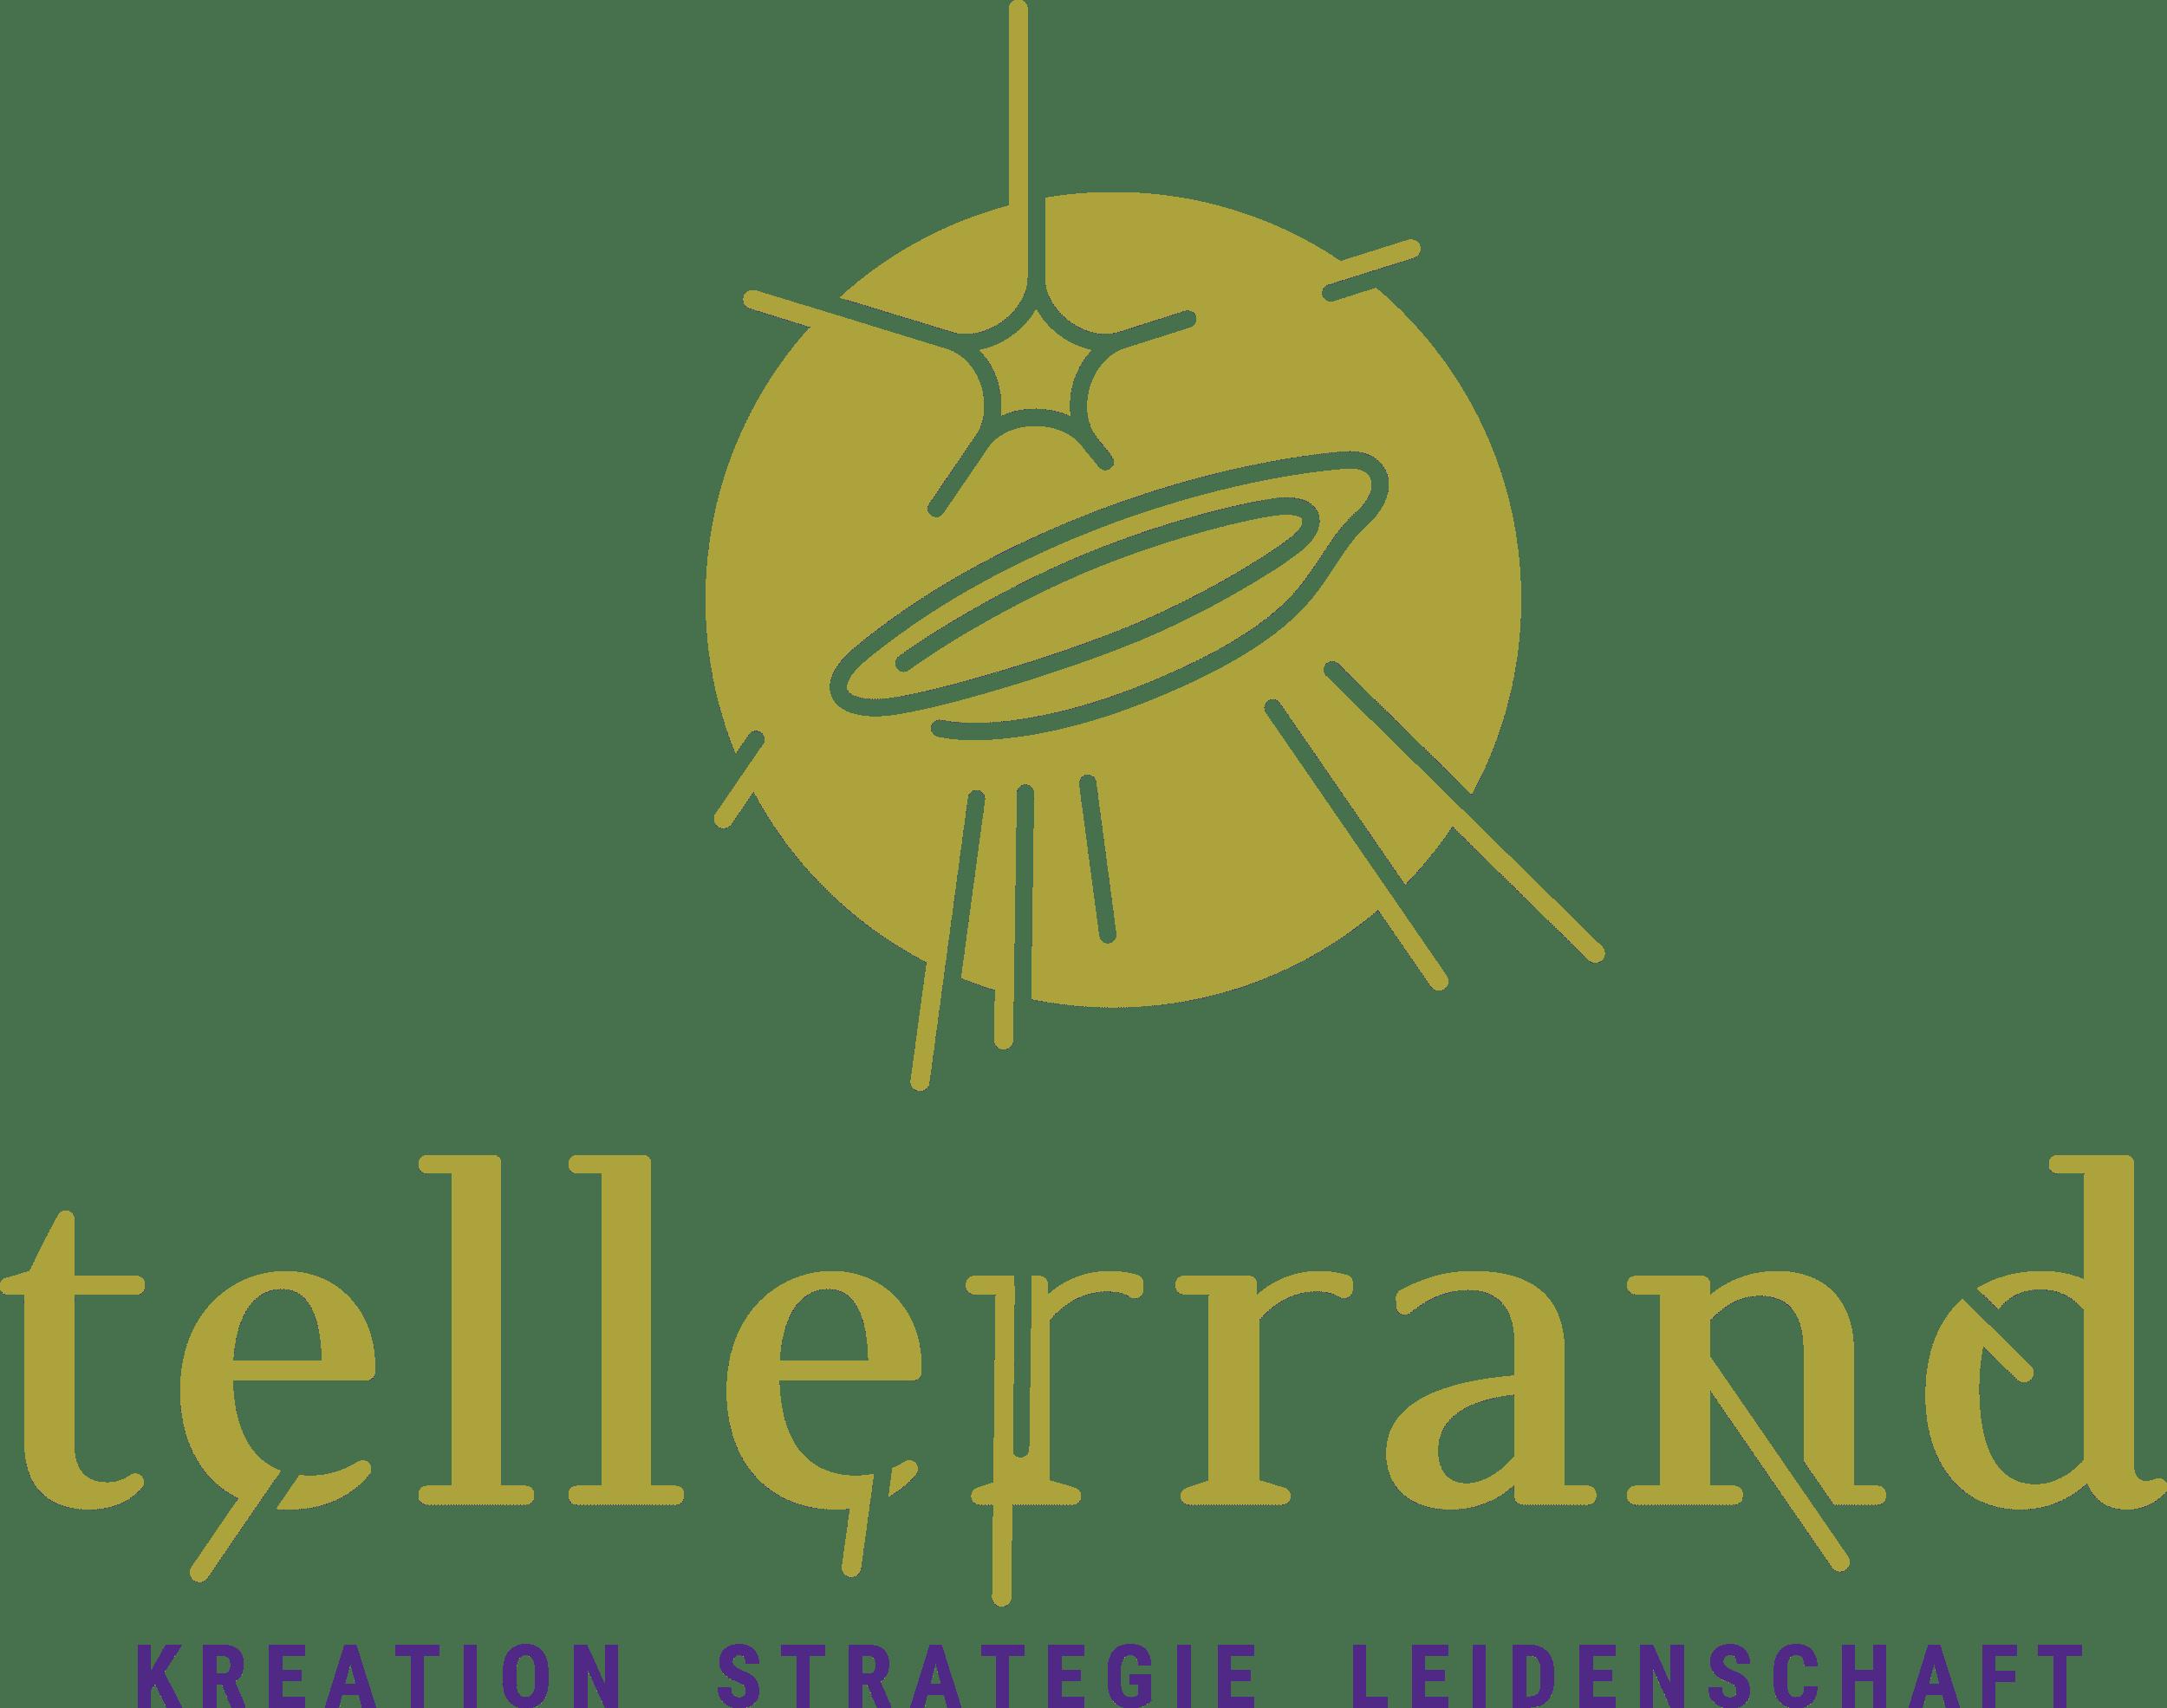 Pezzo di Pane: Neues Konzept von Tim Mälzer & tellerrand nähert sich der Startposition